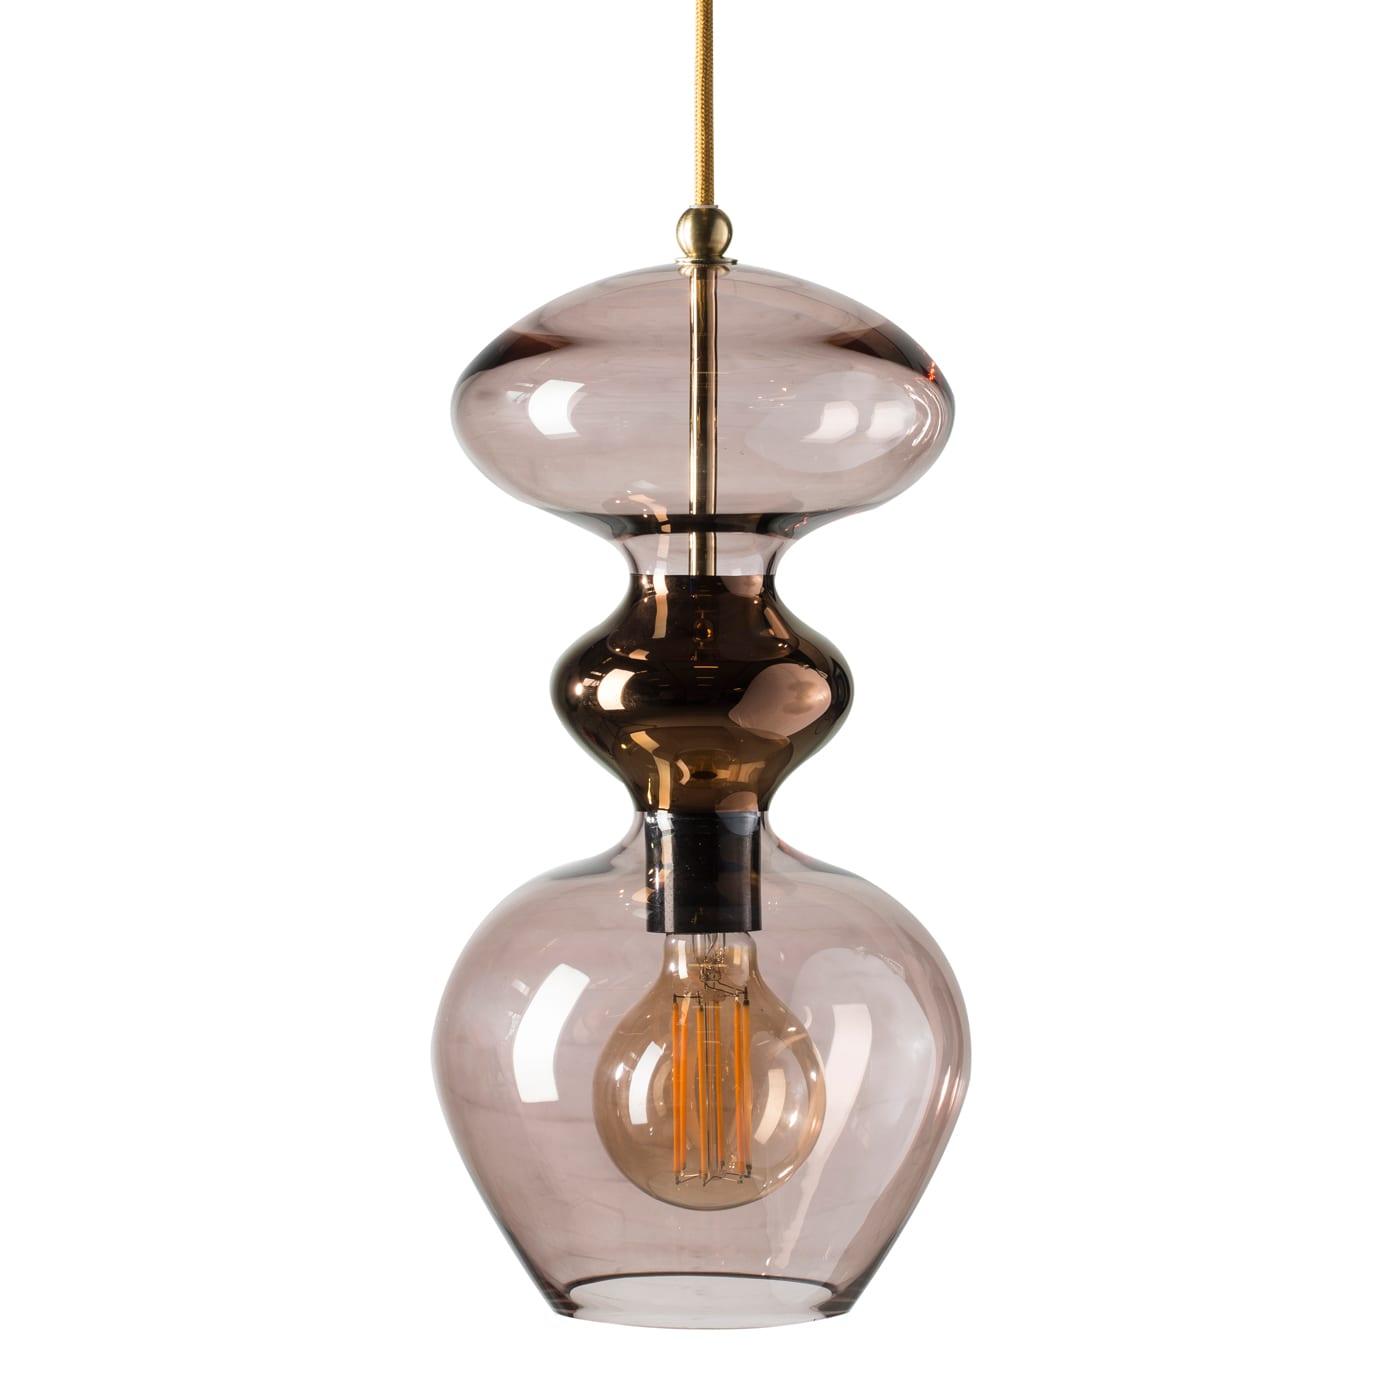 Futura Pendant Lamp, Obsidian, 37cmH